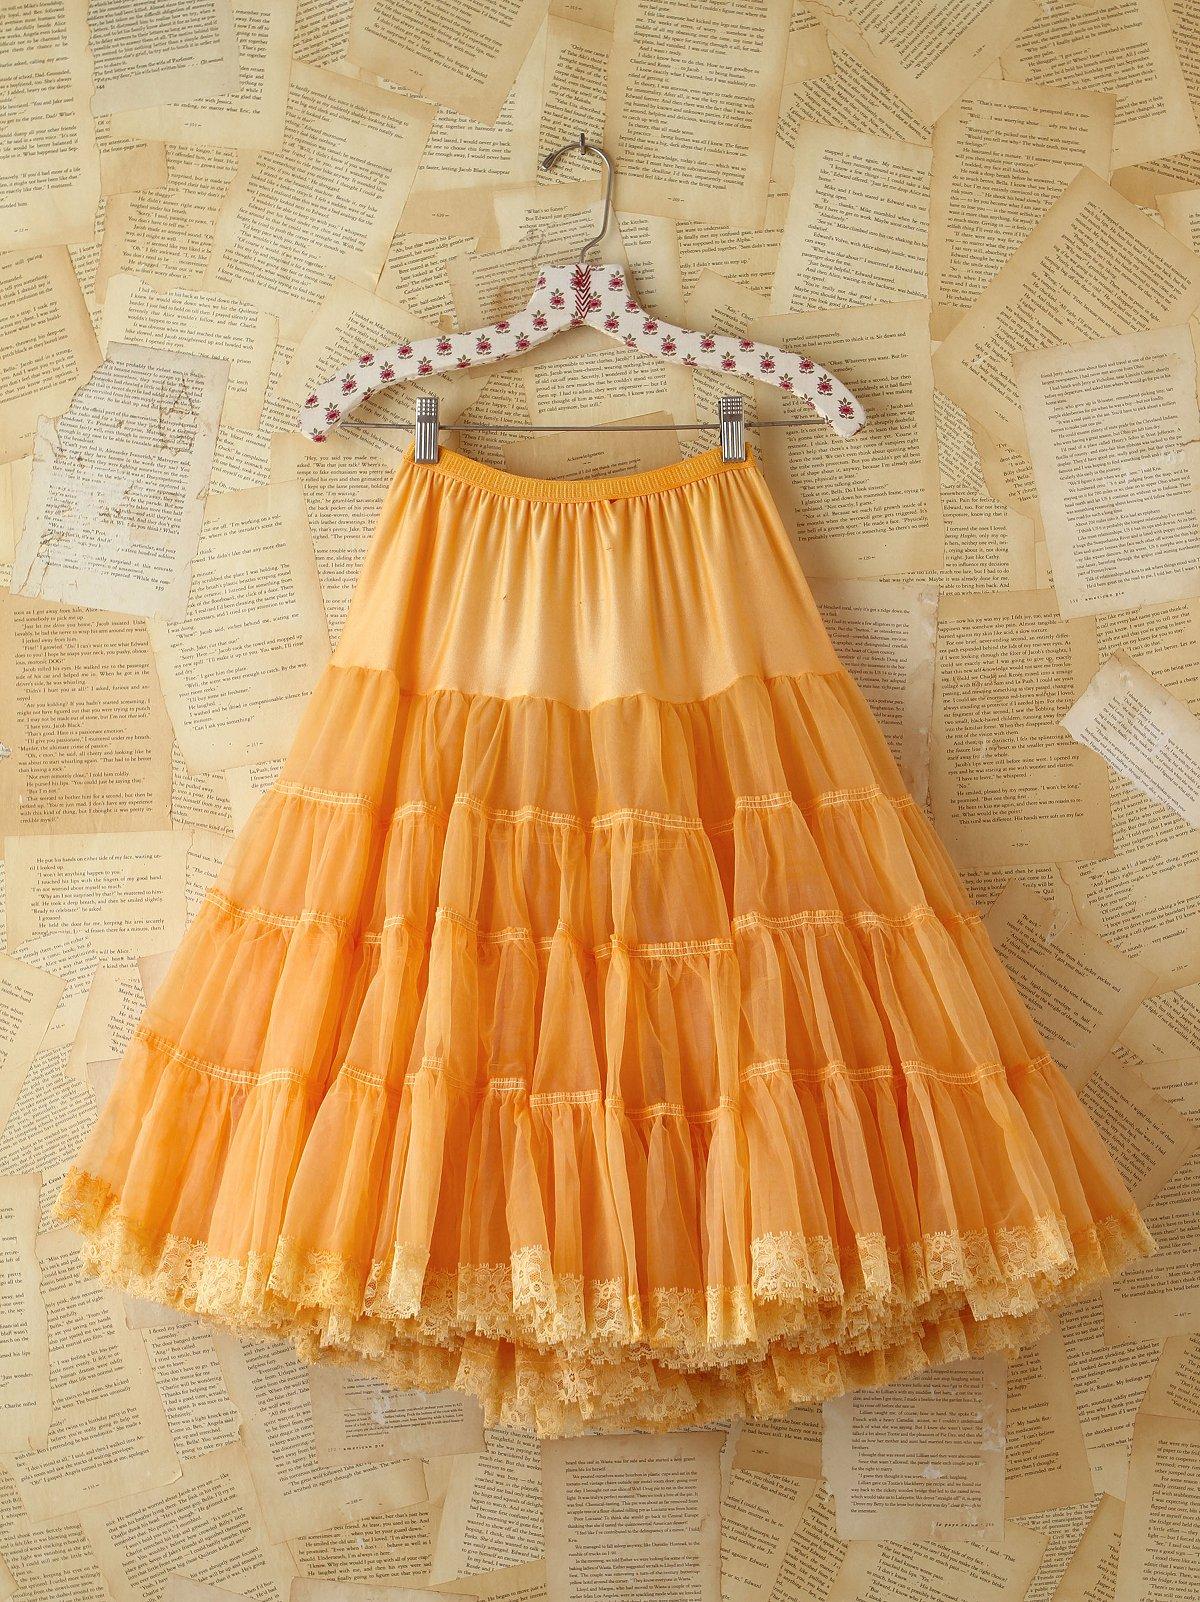 Vintage Orange Tiered Skirt